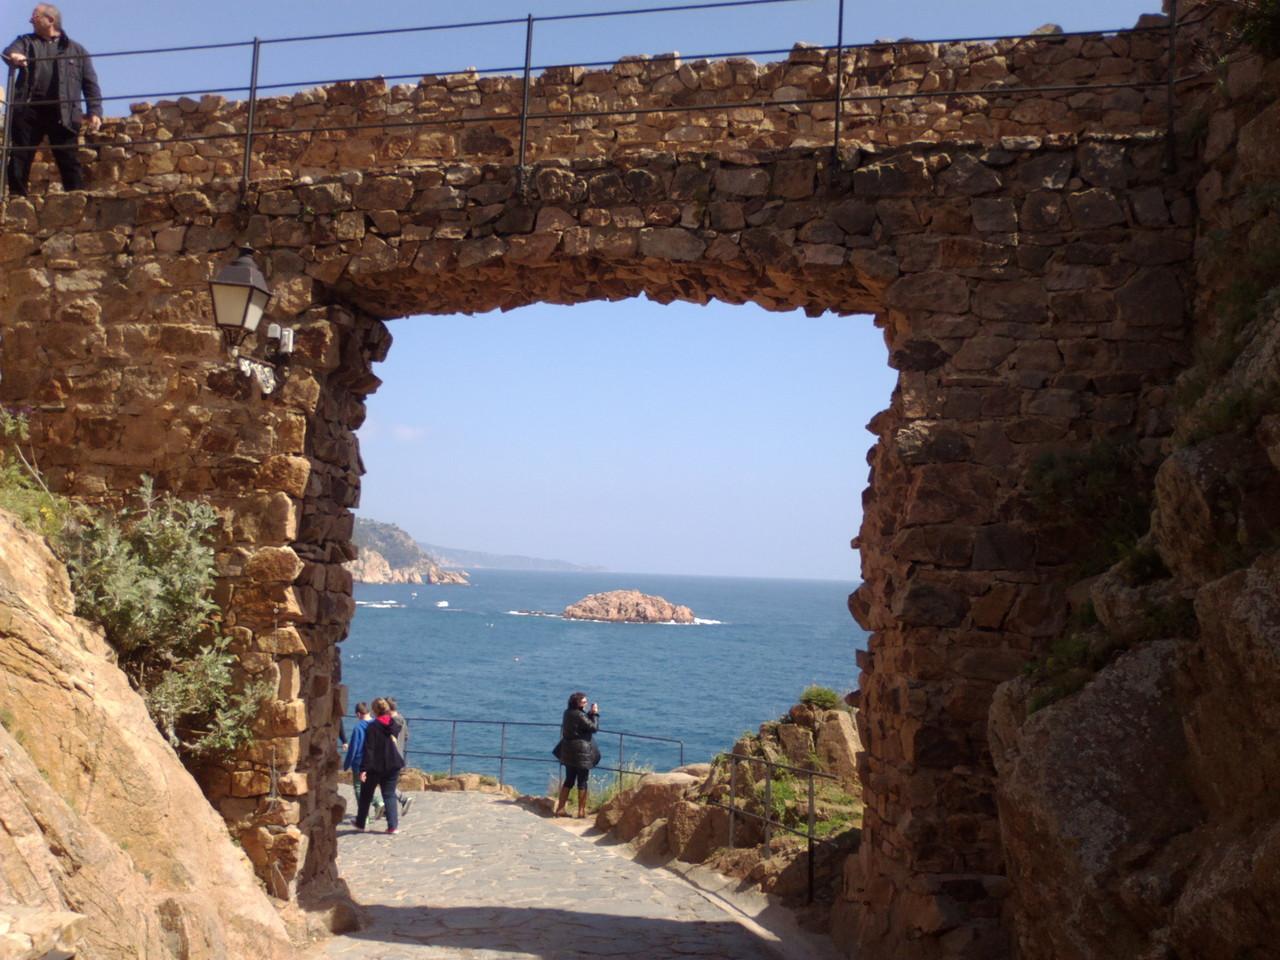 Puerta del castillo de Tossa de Mar